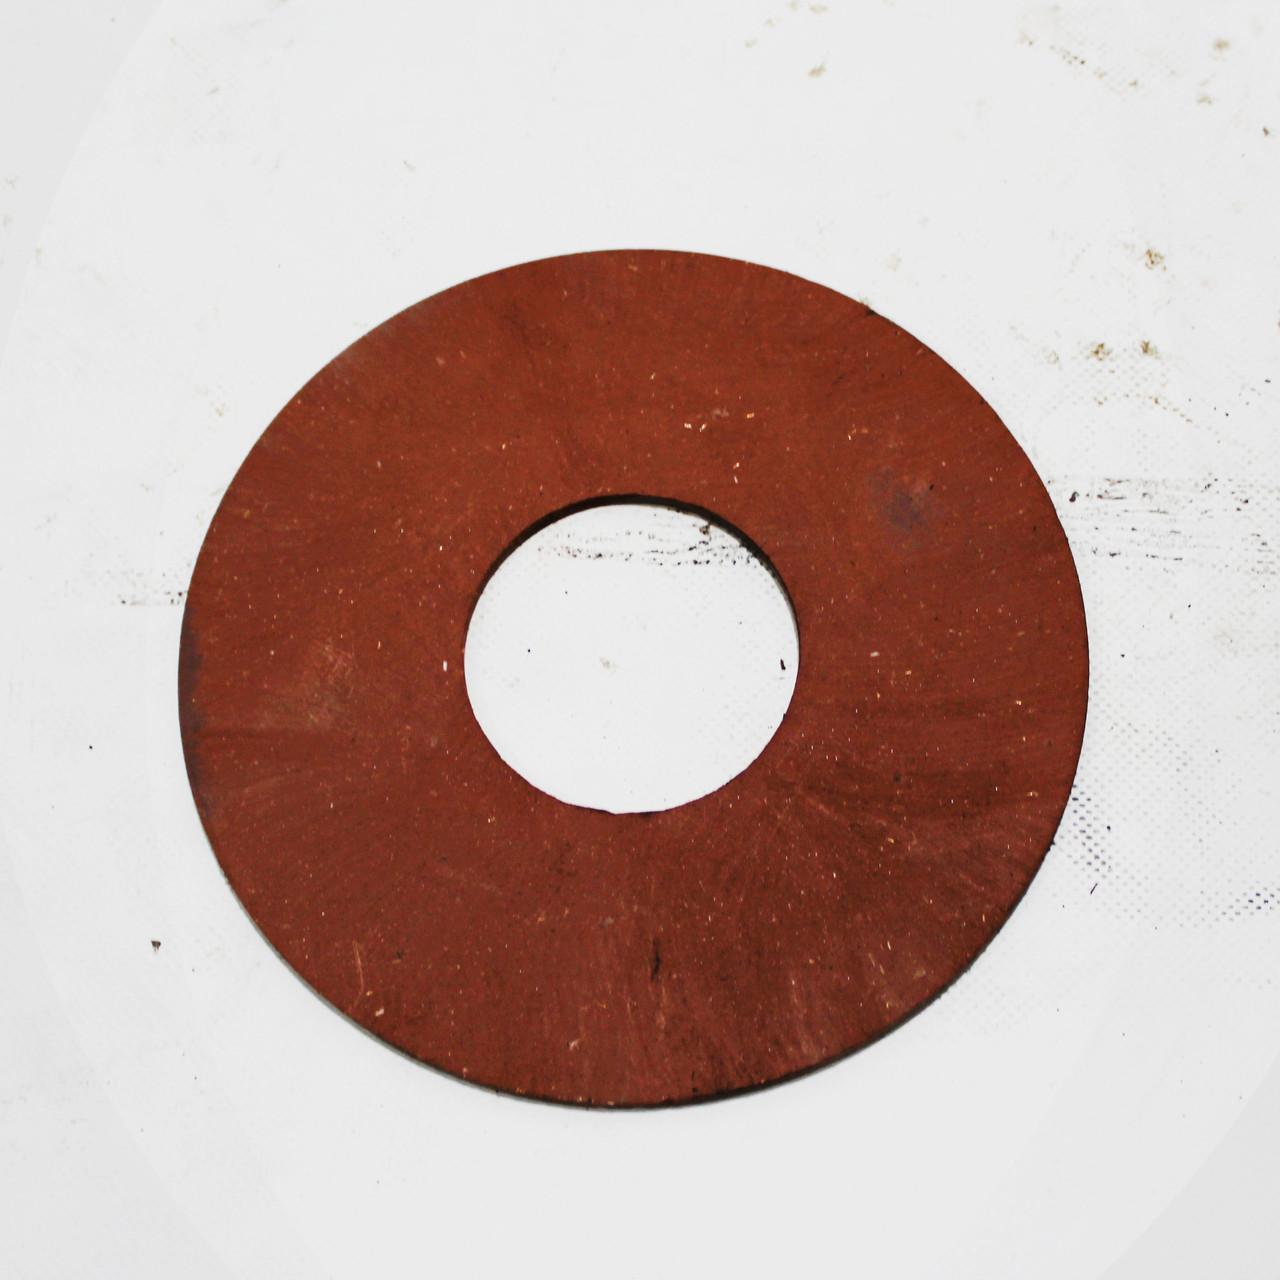 Накладка фрикционная муфты шнека бункера НИВА 54-00162Б (195х112)